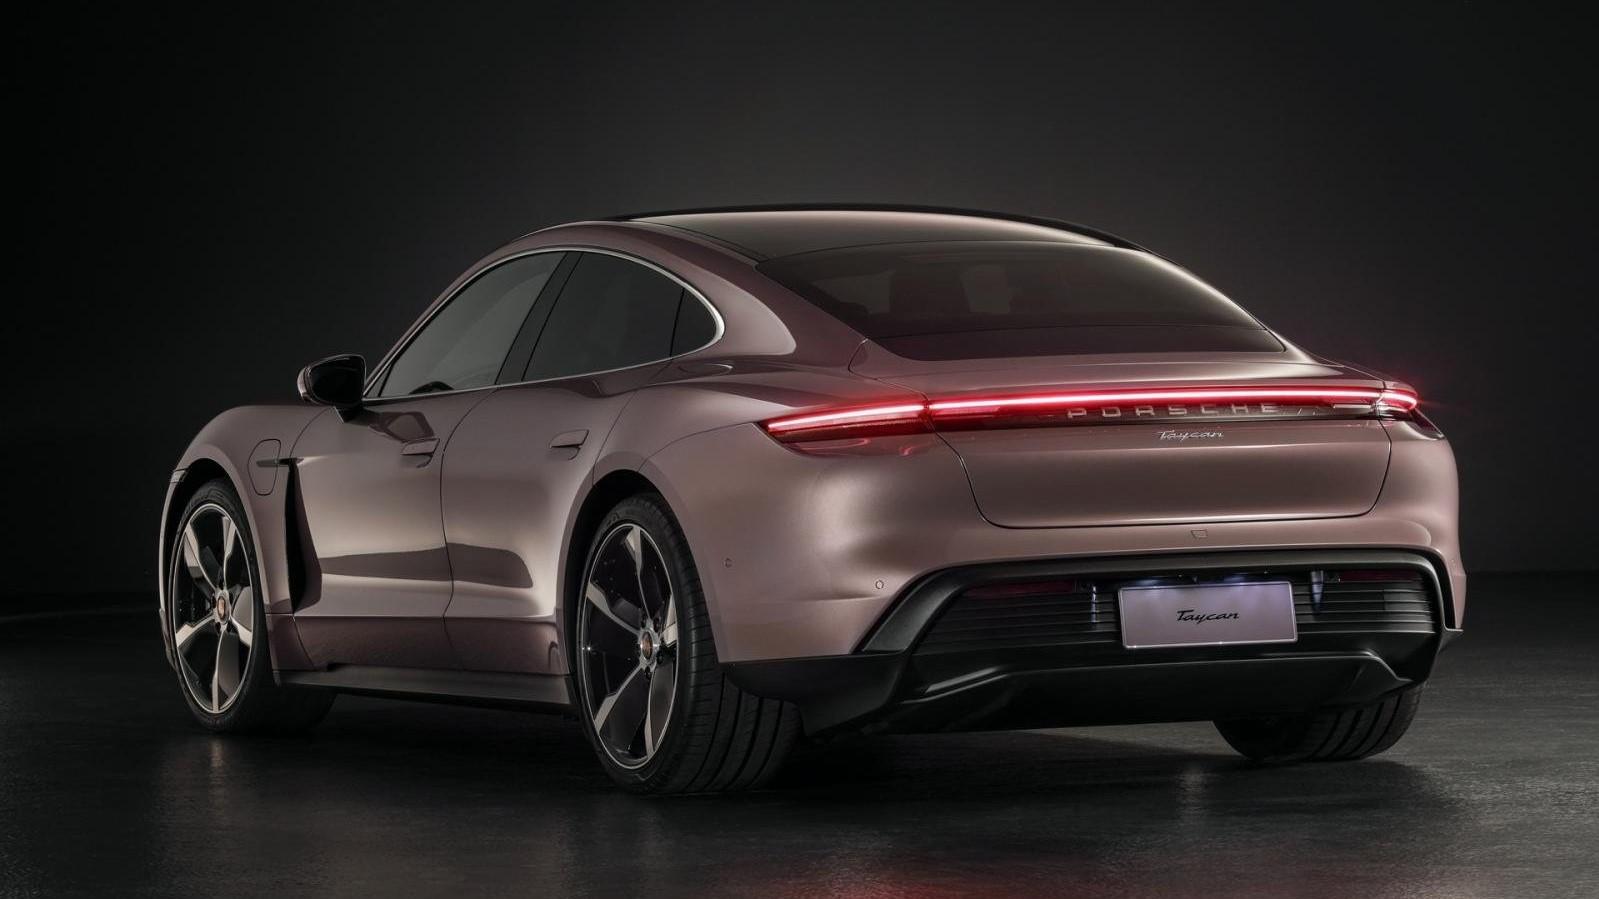 Se acaba de presentar un Porsche Taycan tracción trasera